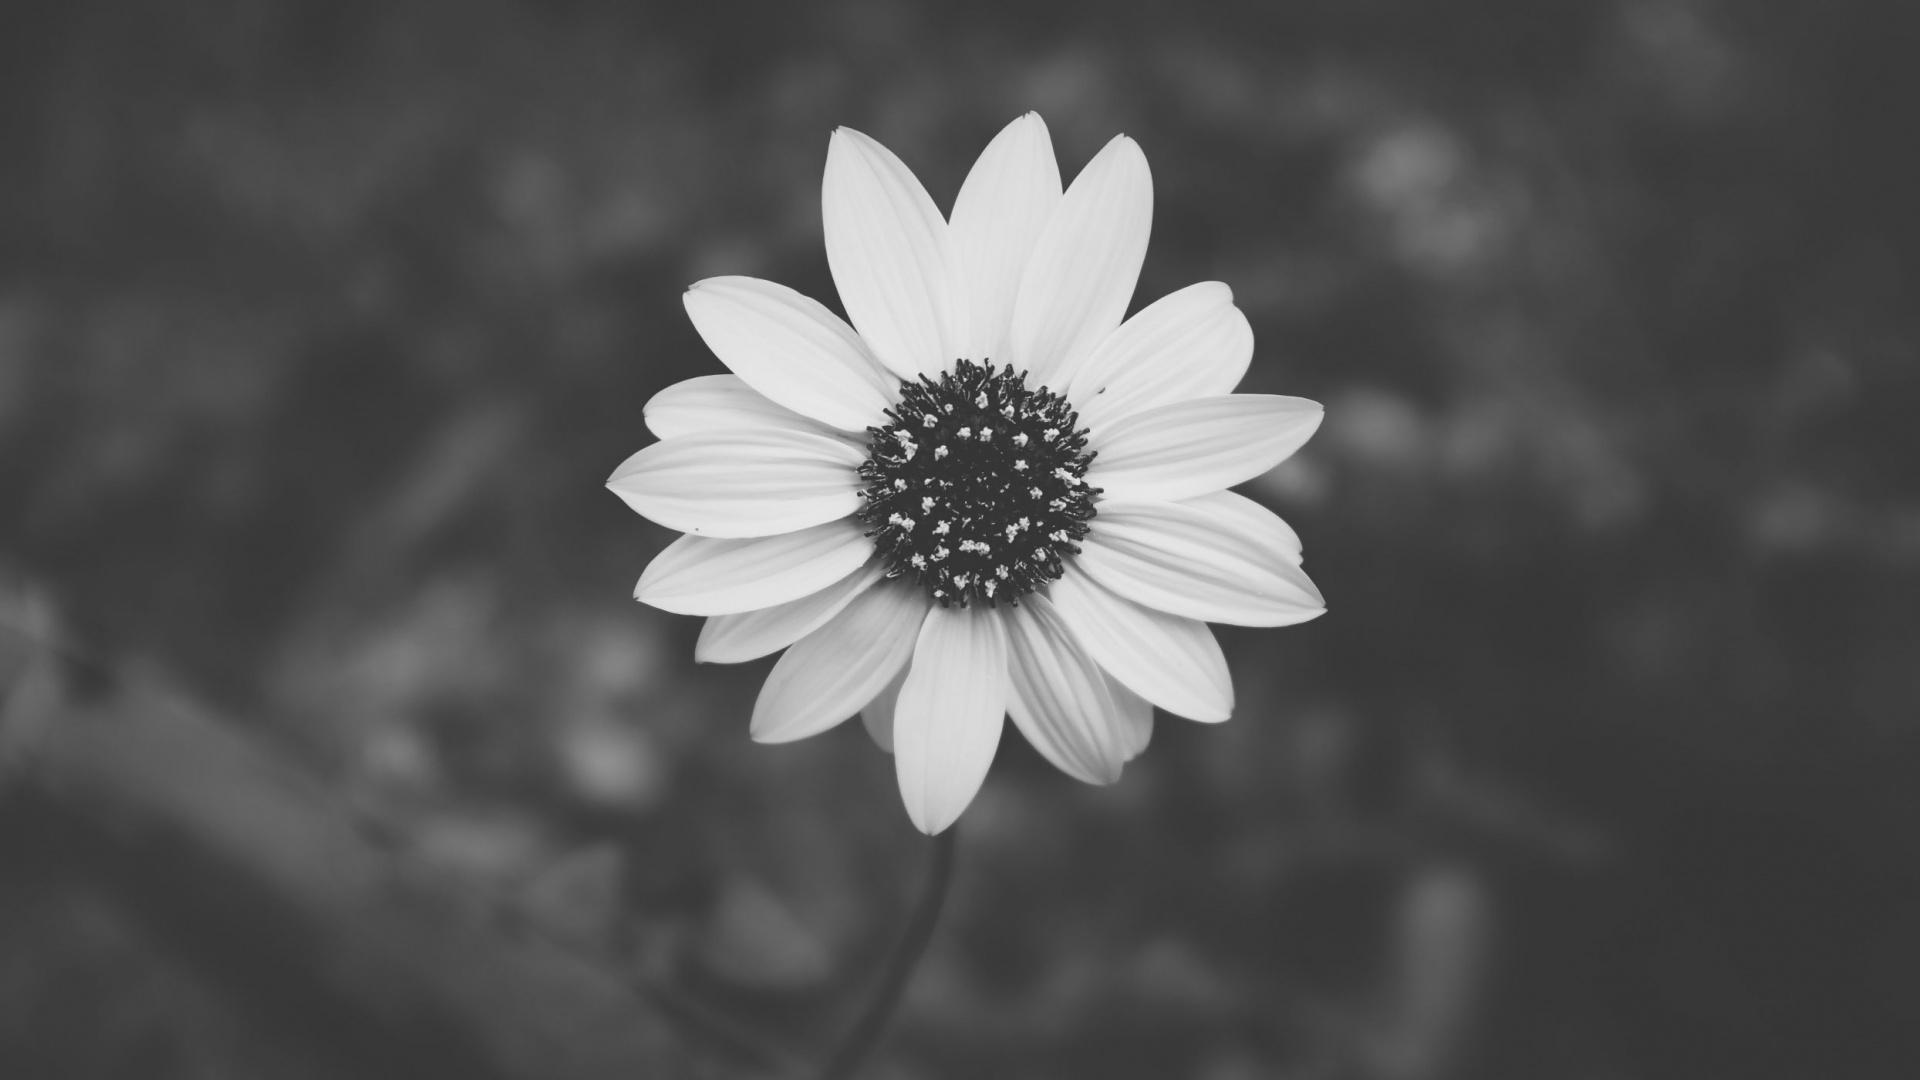 Ảnh nền đen trắng